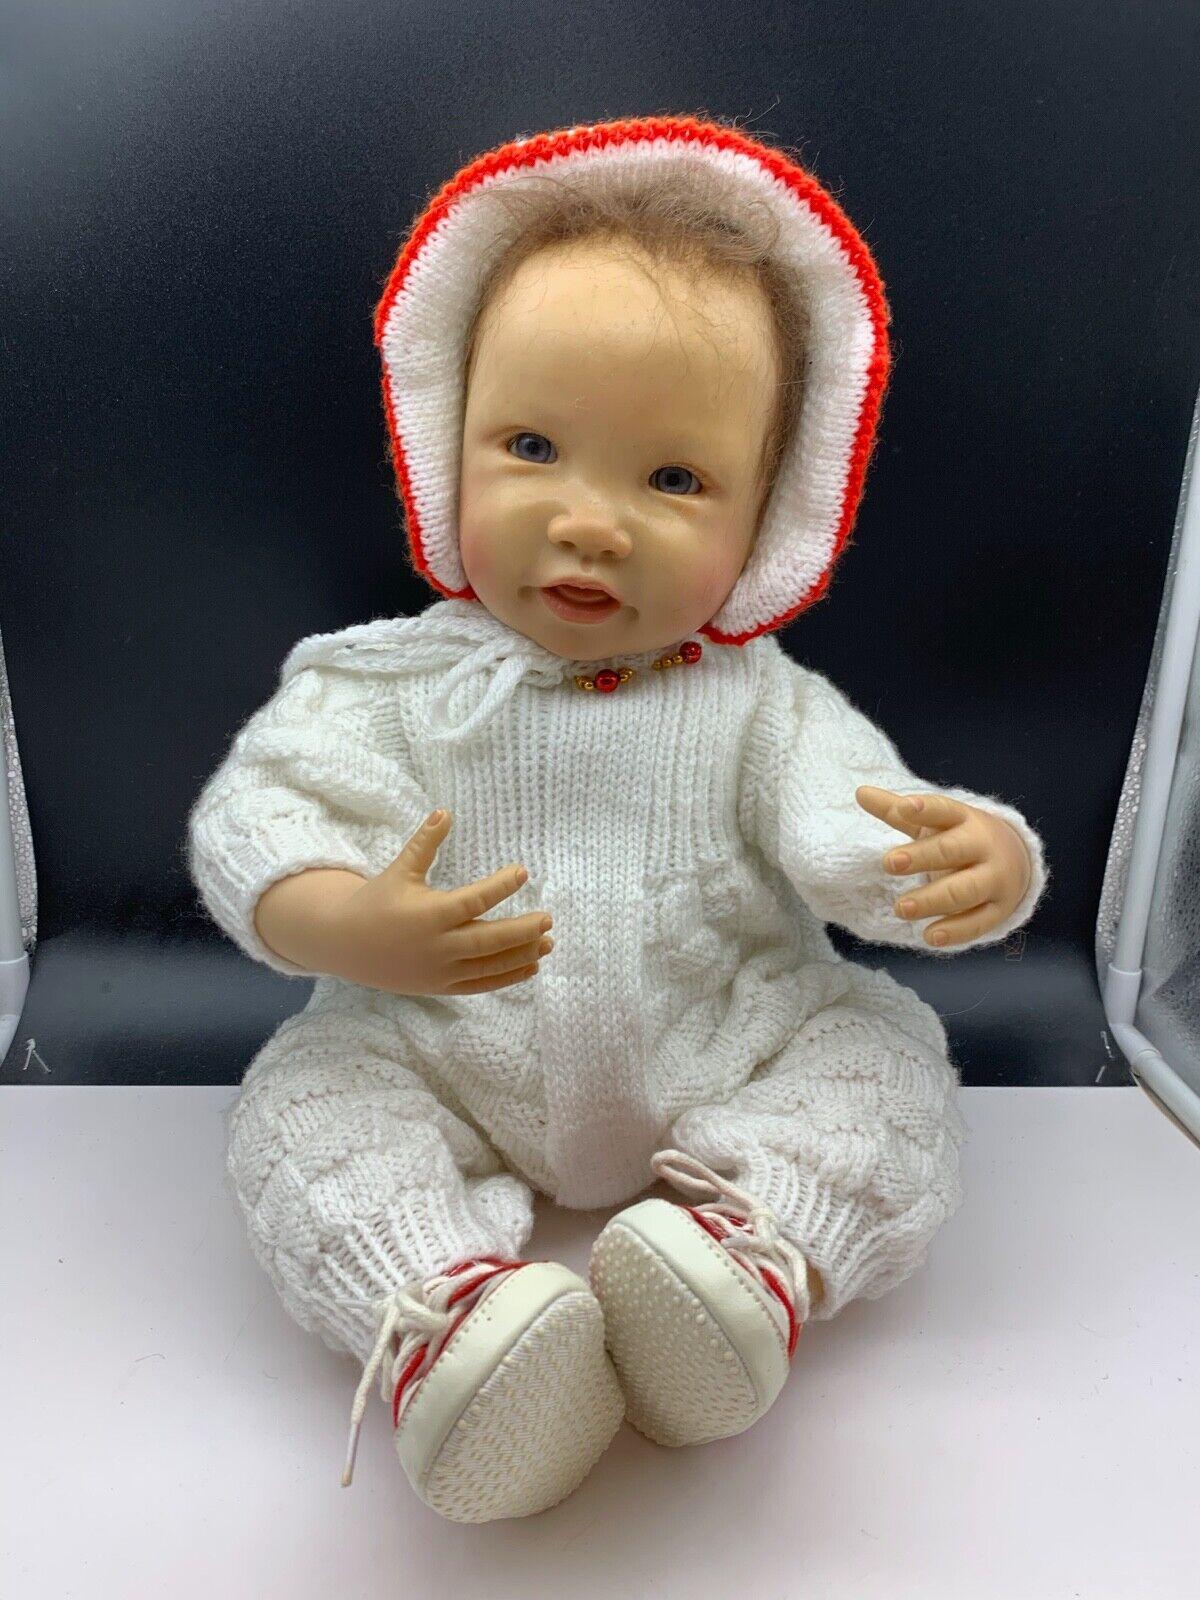 Waltraud hanl  artisti BAMBOLA vinile bambola 55 CM. OTTIMO stato  vendita calda online